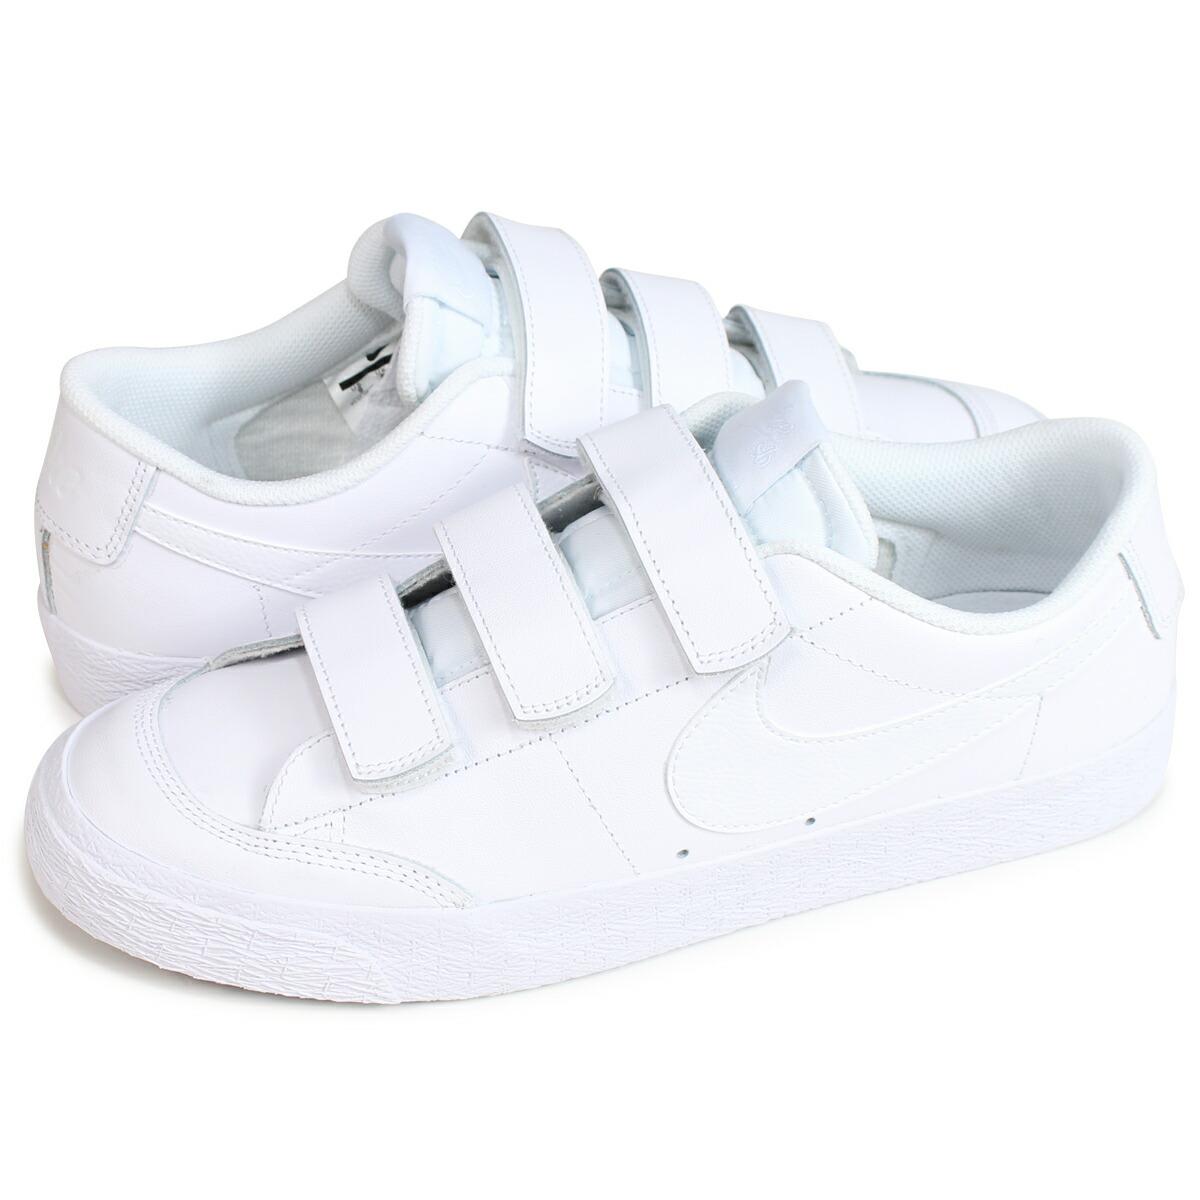 NIKE SB ZOOM BLAZER AC XT Nike blazer